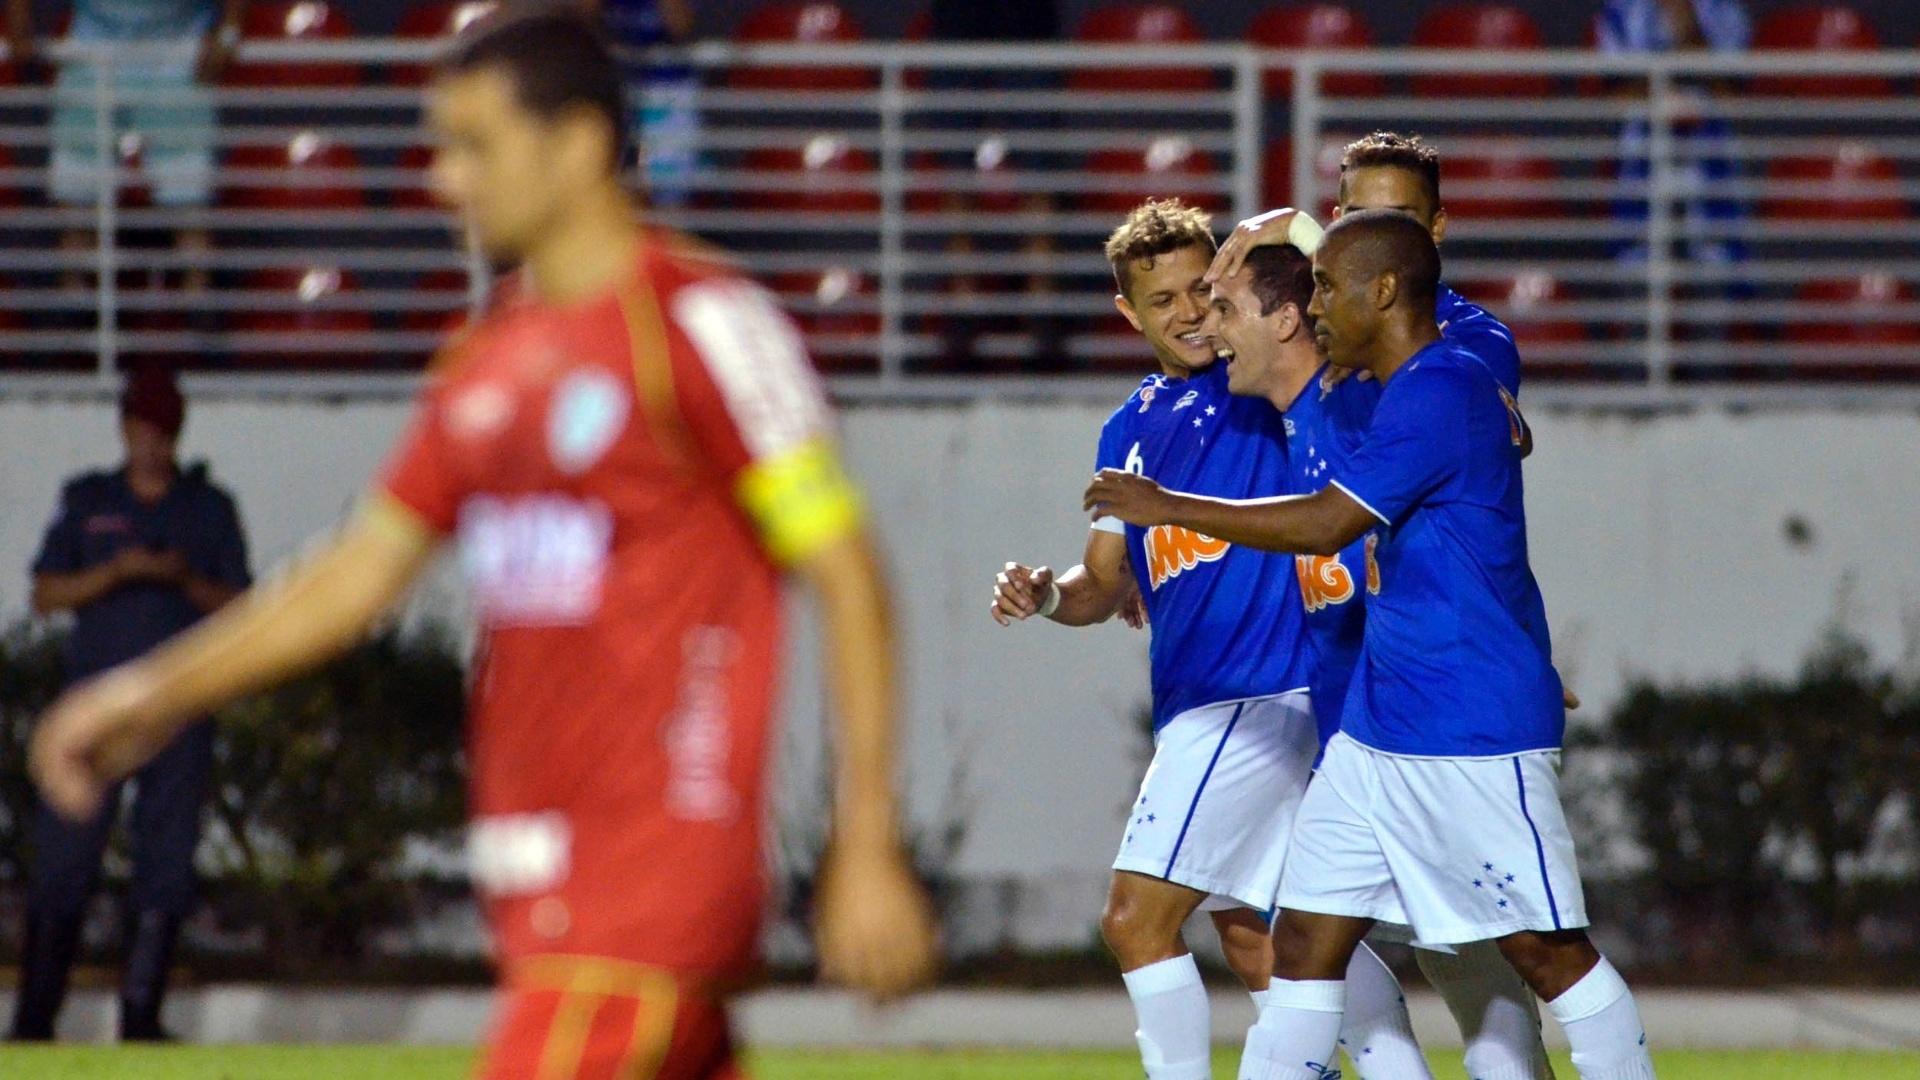 Jogadores do Cruzeiro comemoram o gol marcado por Borges na vitória contra a Portuguesa